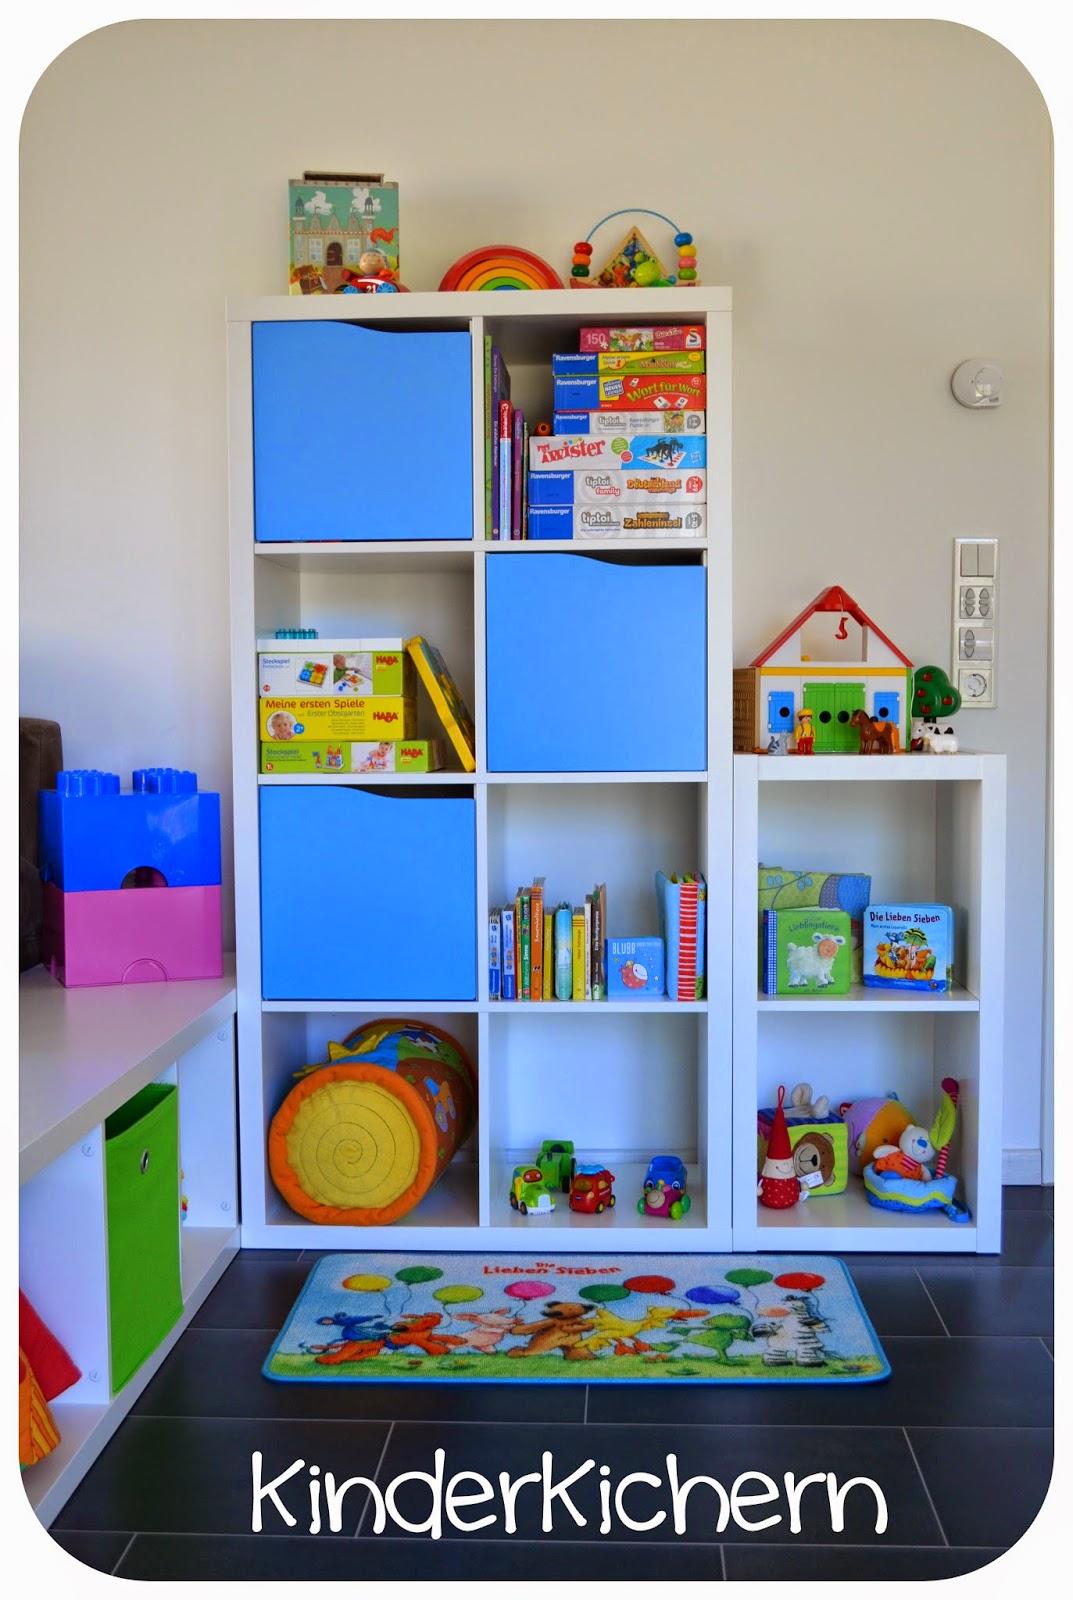 kinderkichern wie ein regal unser leben ver ndert hat. Black Bedroom Furniture Sets. Home Design Ideas